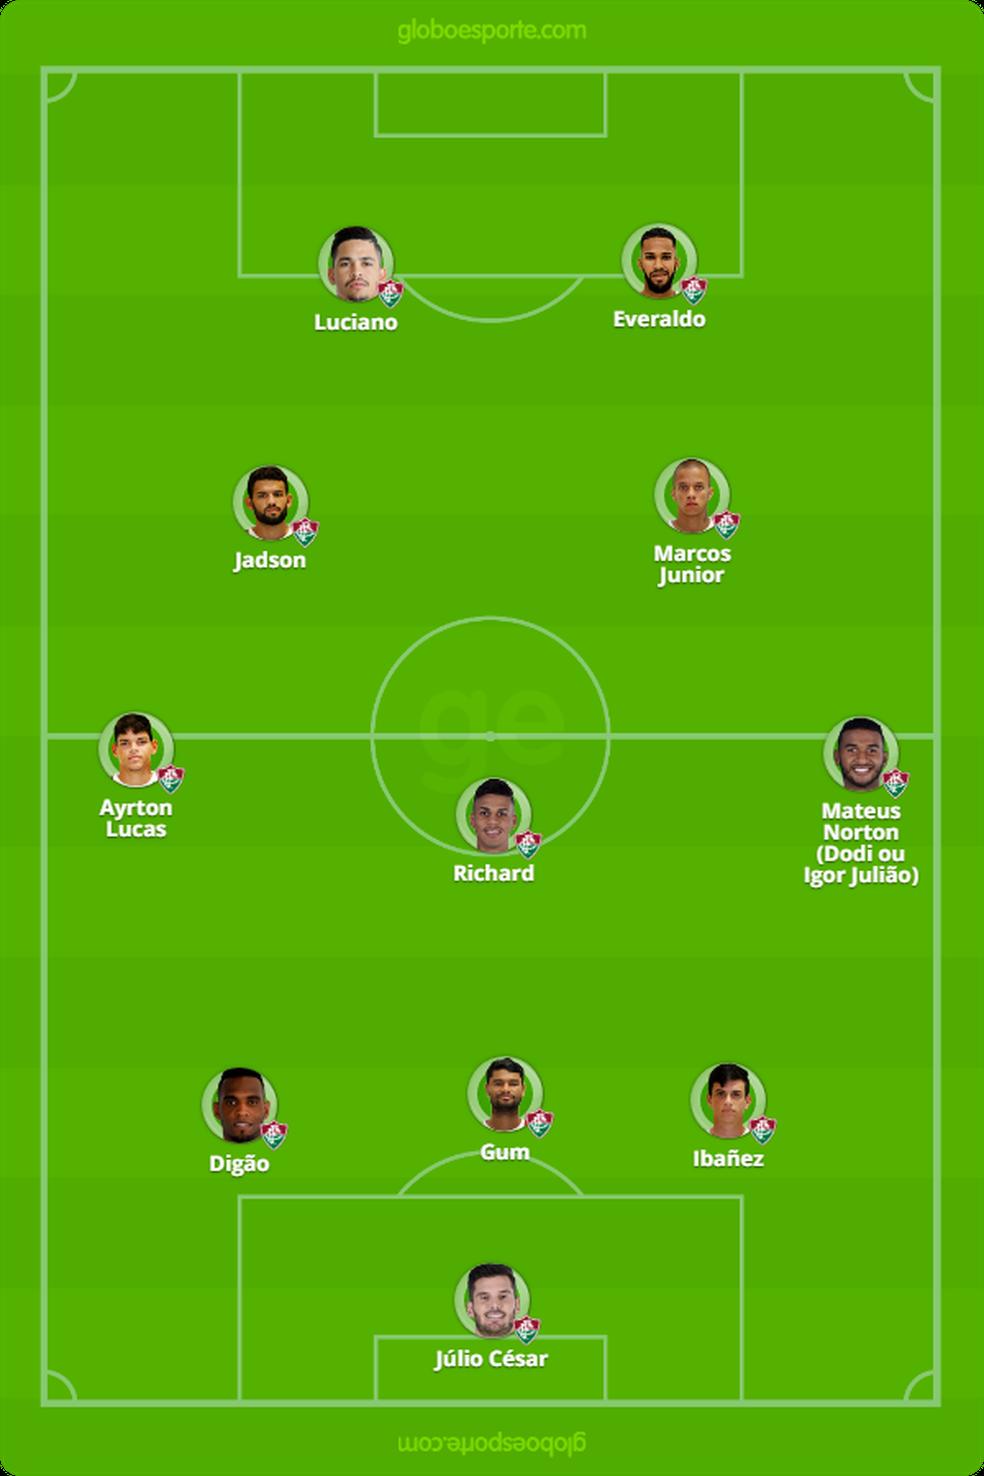 Provável escalação do Fluminense para enfrentar o Flamengo